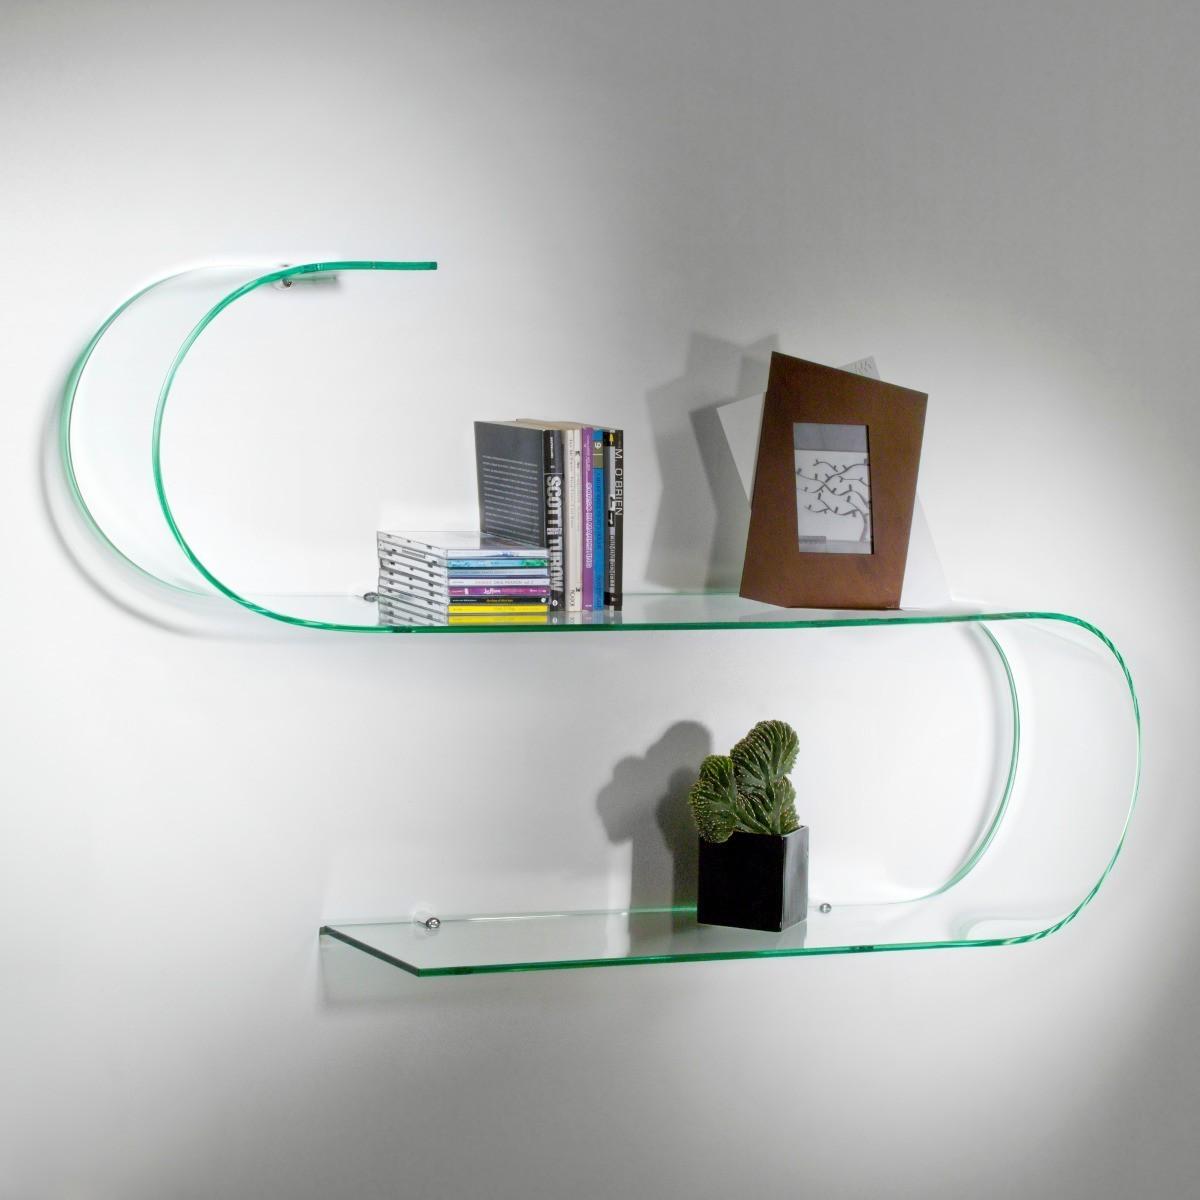 Surf bolis italia mensole in vetro curvato trasparente 100 cm - Mensole bagno ikea ...